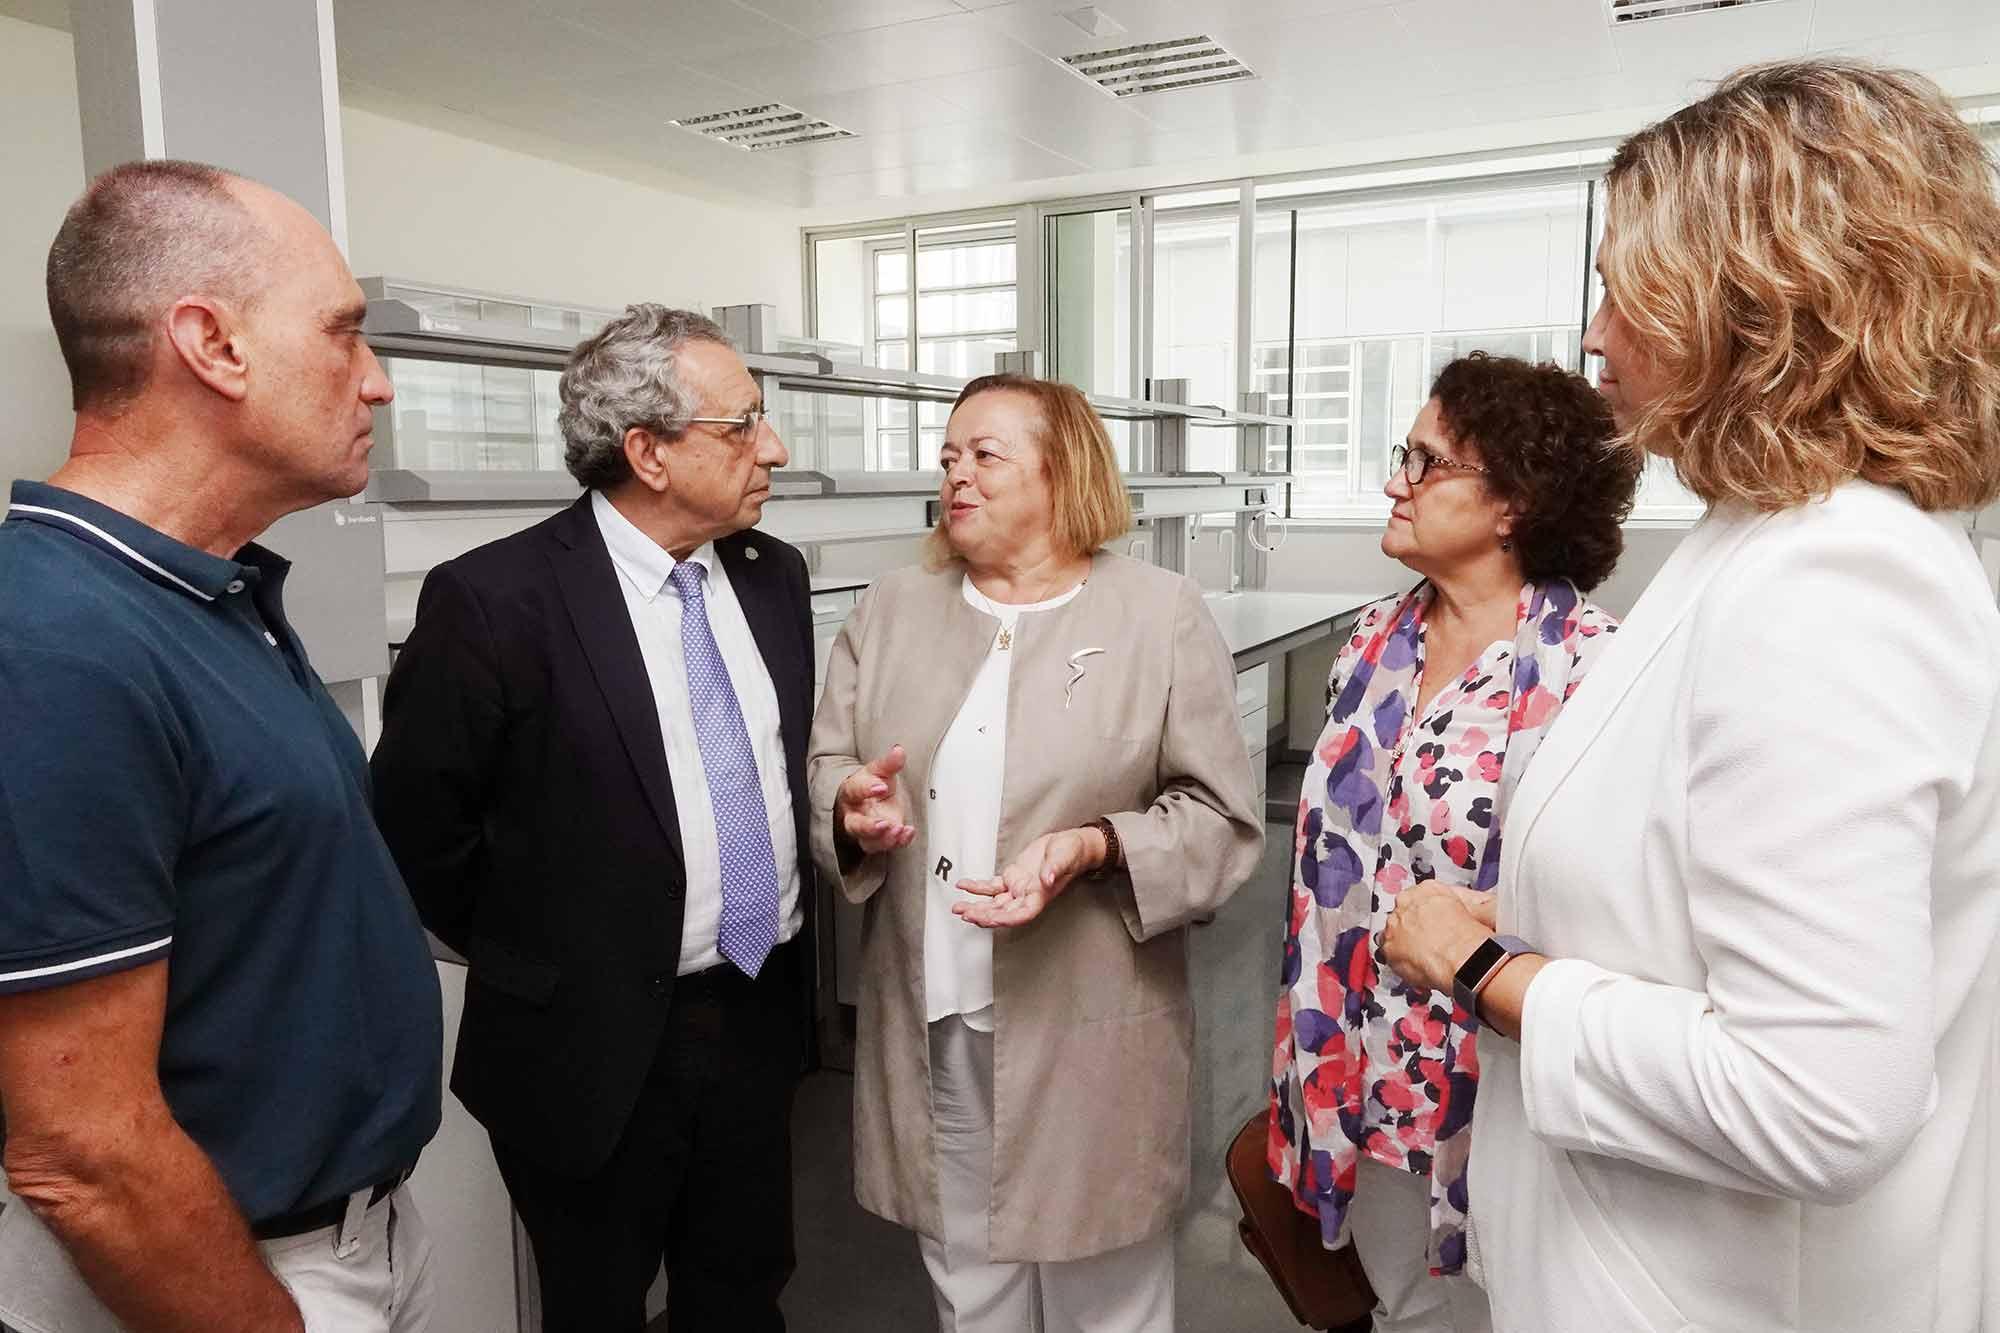 La presidenta del CSIC visita el nuevo edificio IHSM en el campus de Teatinos